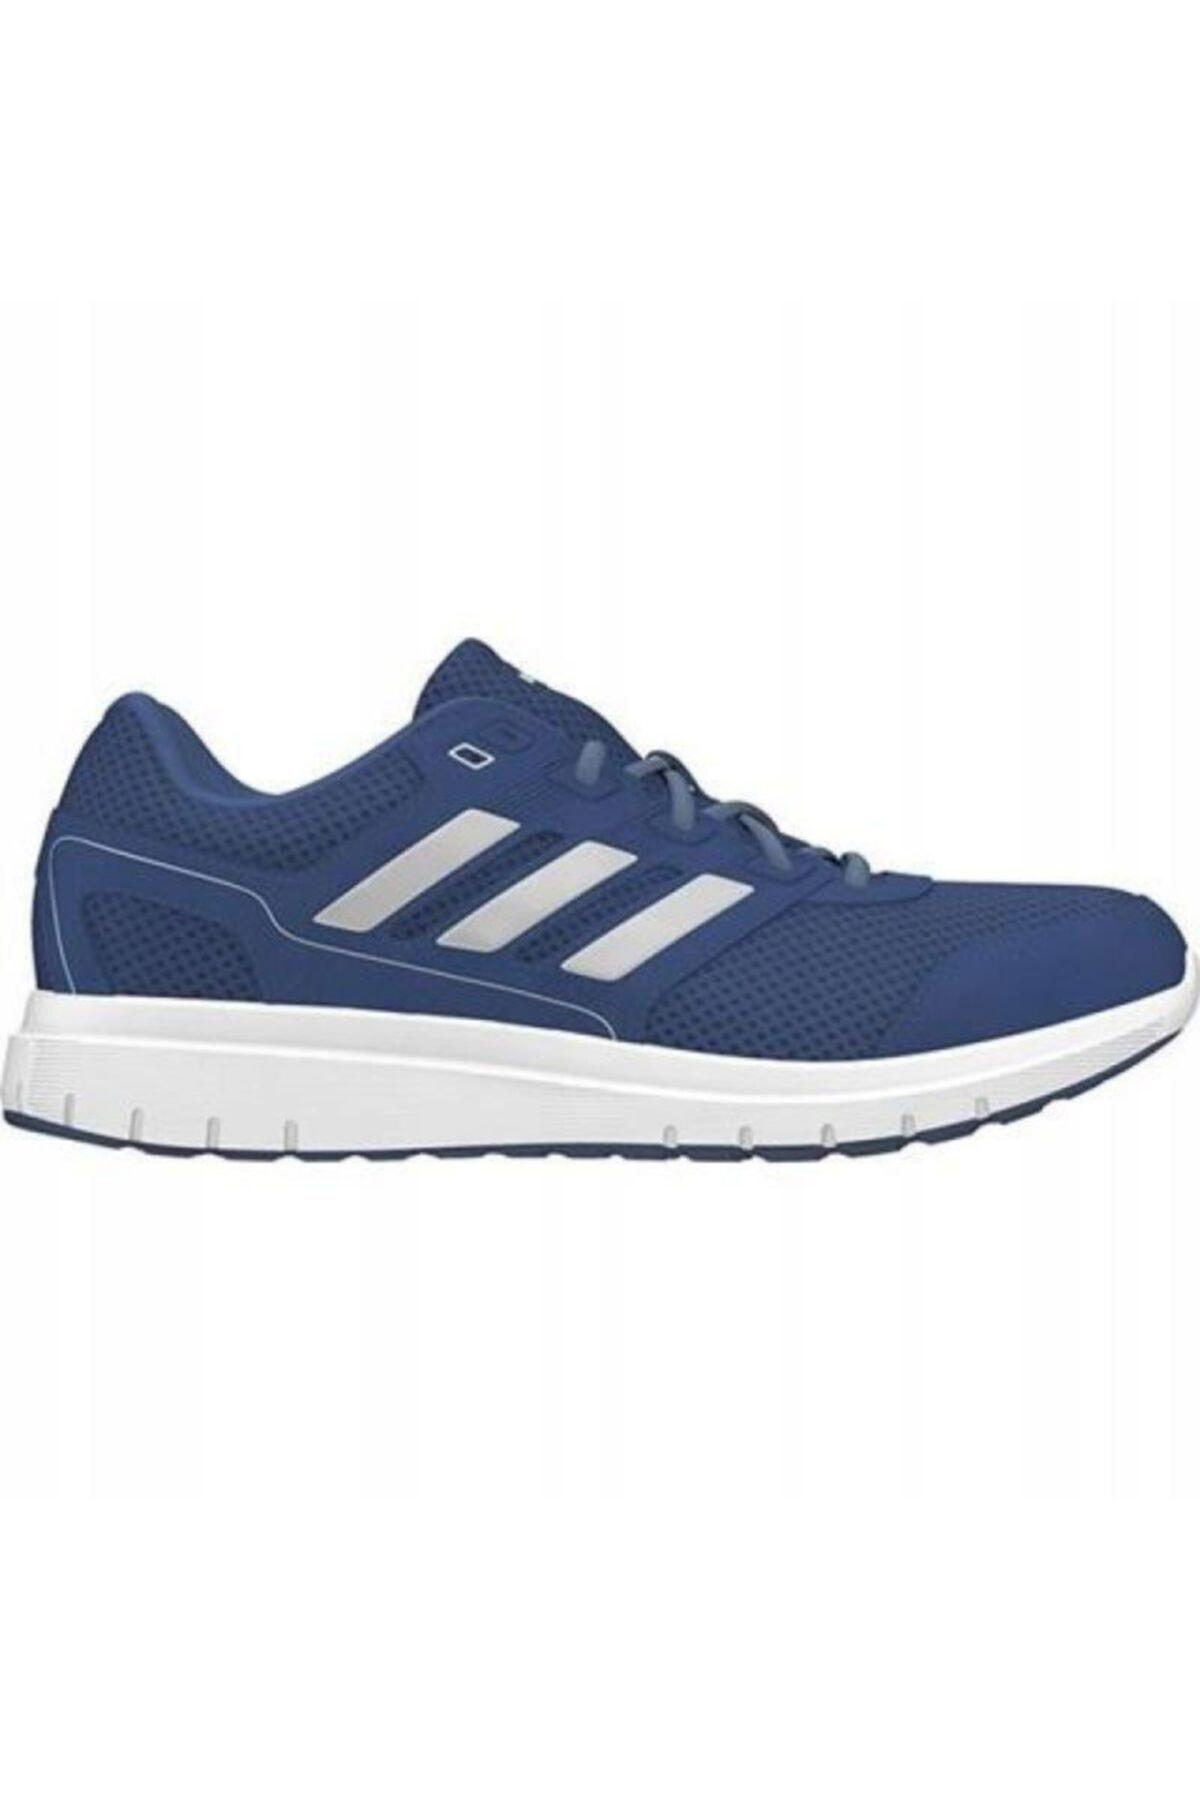 خرید پستی کفش مخصوص دویدن مردانه پارچه  برند آدیداس رنگ لاجوردی کد ty35174844